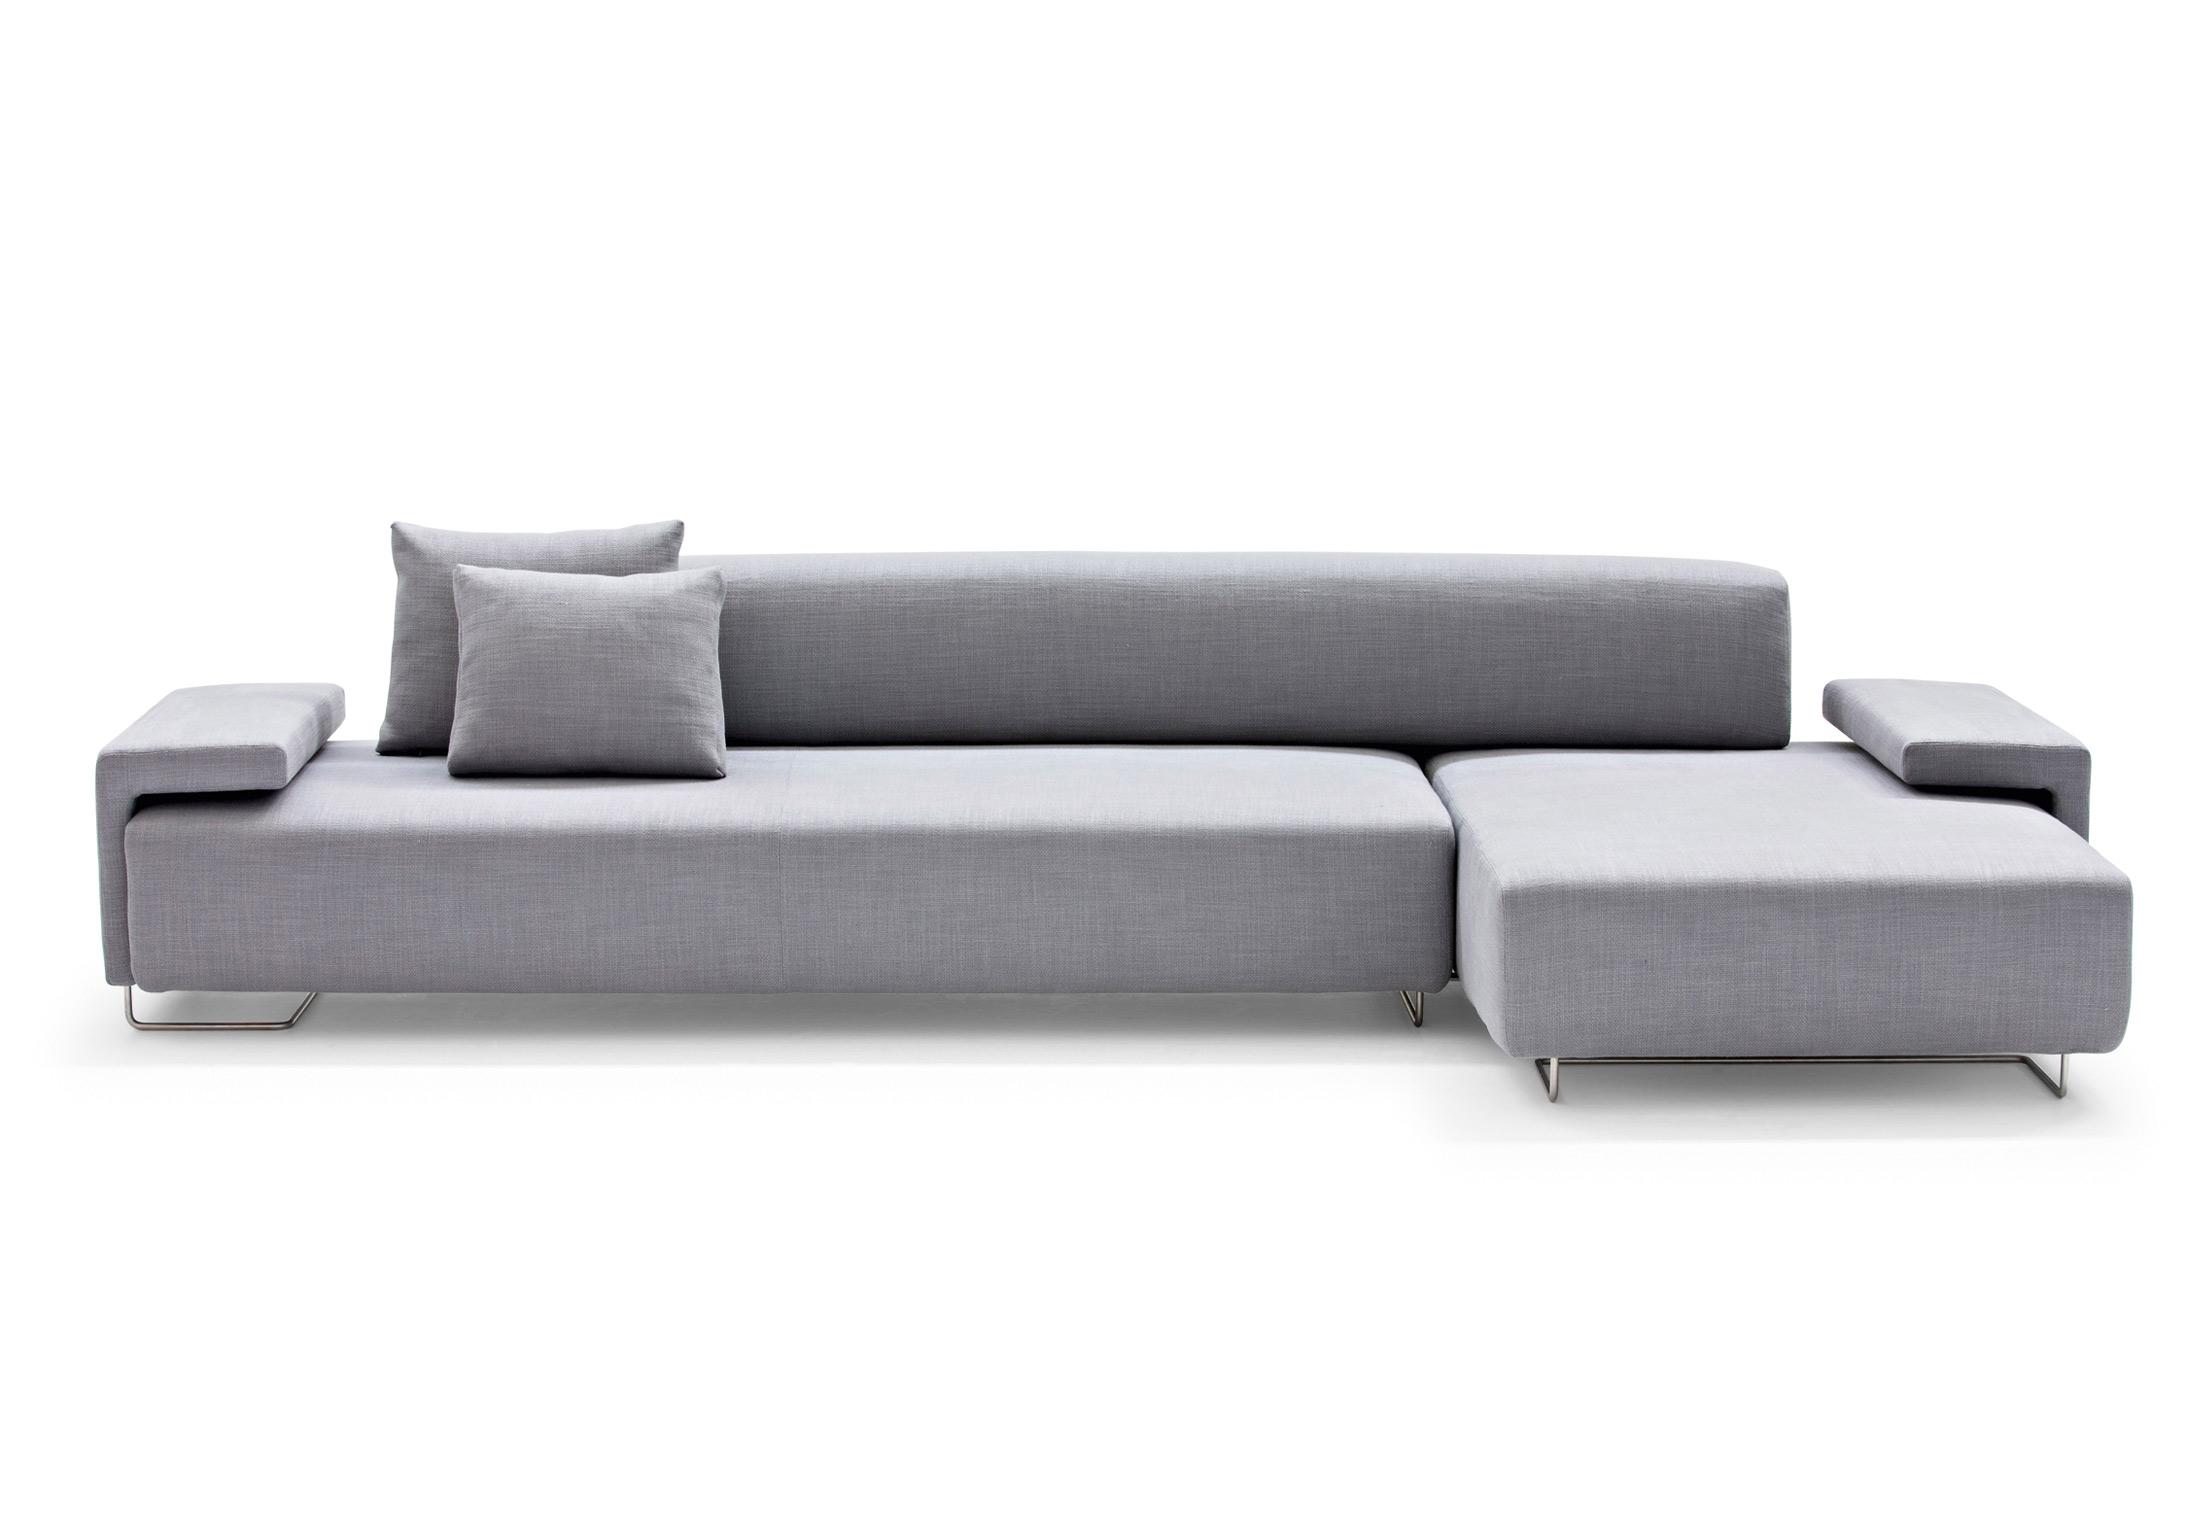 Lowland Sofa von Moroso | STYLEPARK